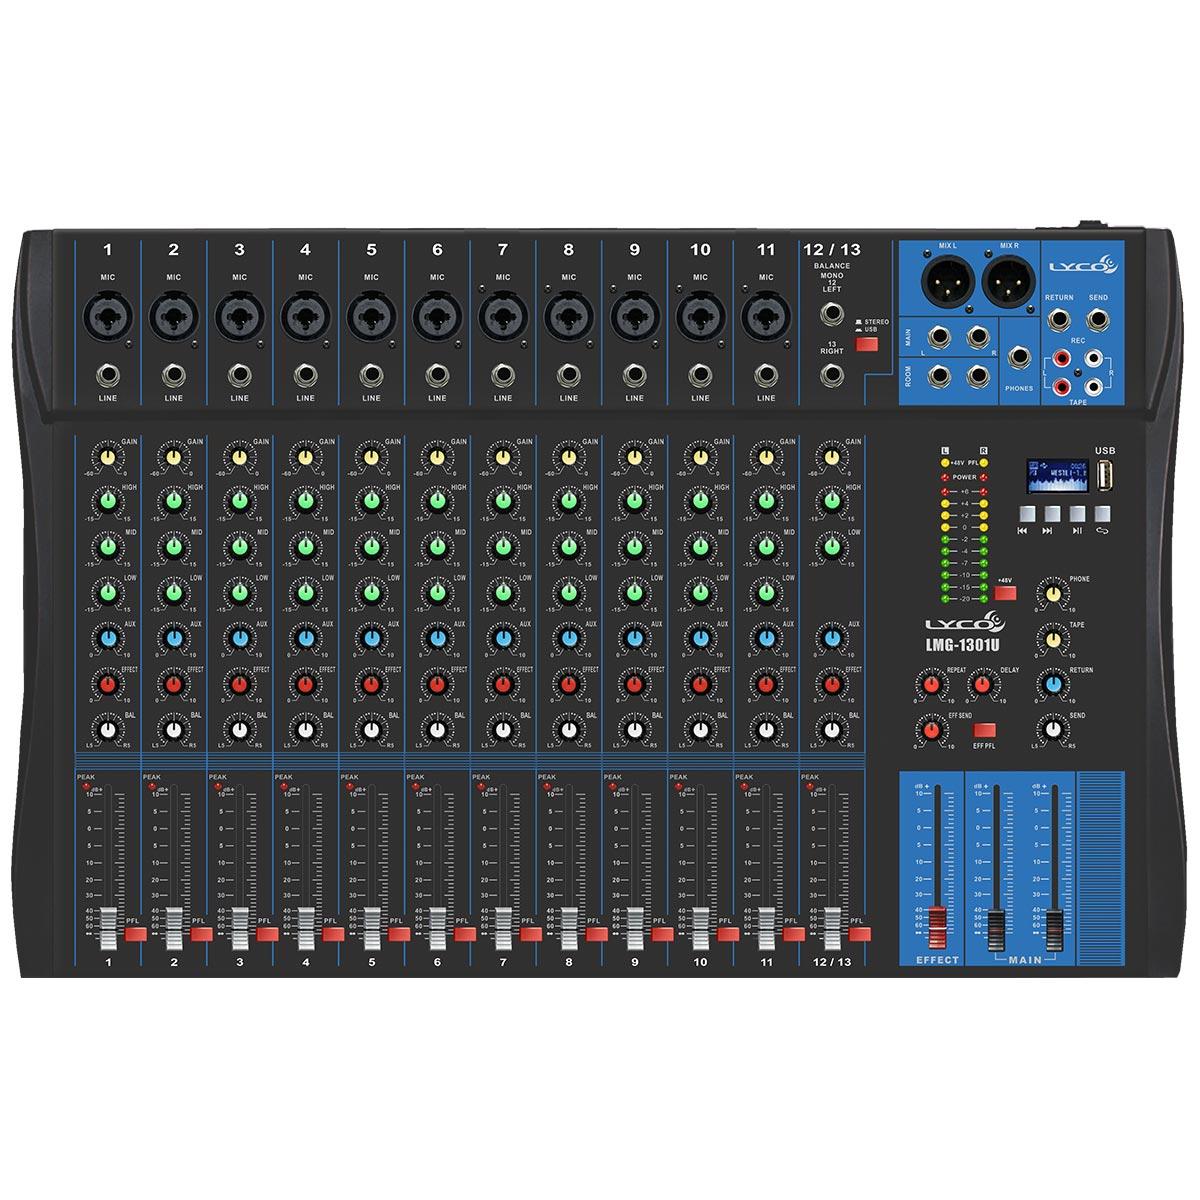 Mesa de Som 13 Canais Balanceados ( 11 XLR + 2 P10 ) c / USB / Phantom / 1 Auxiliar - LMG 1301 U Lyco